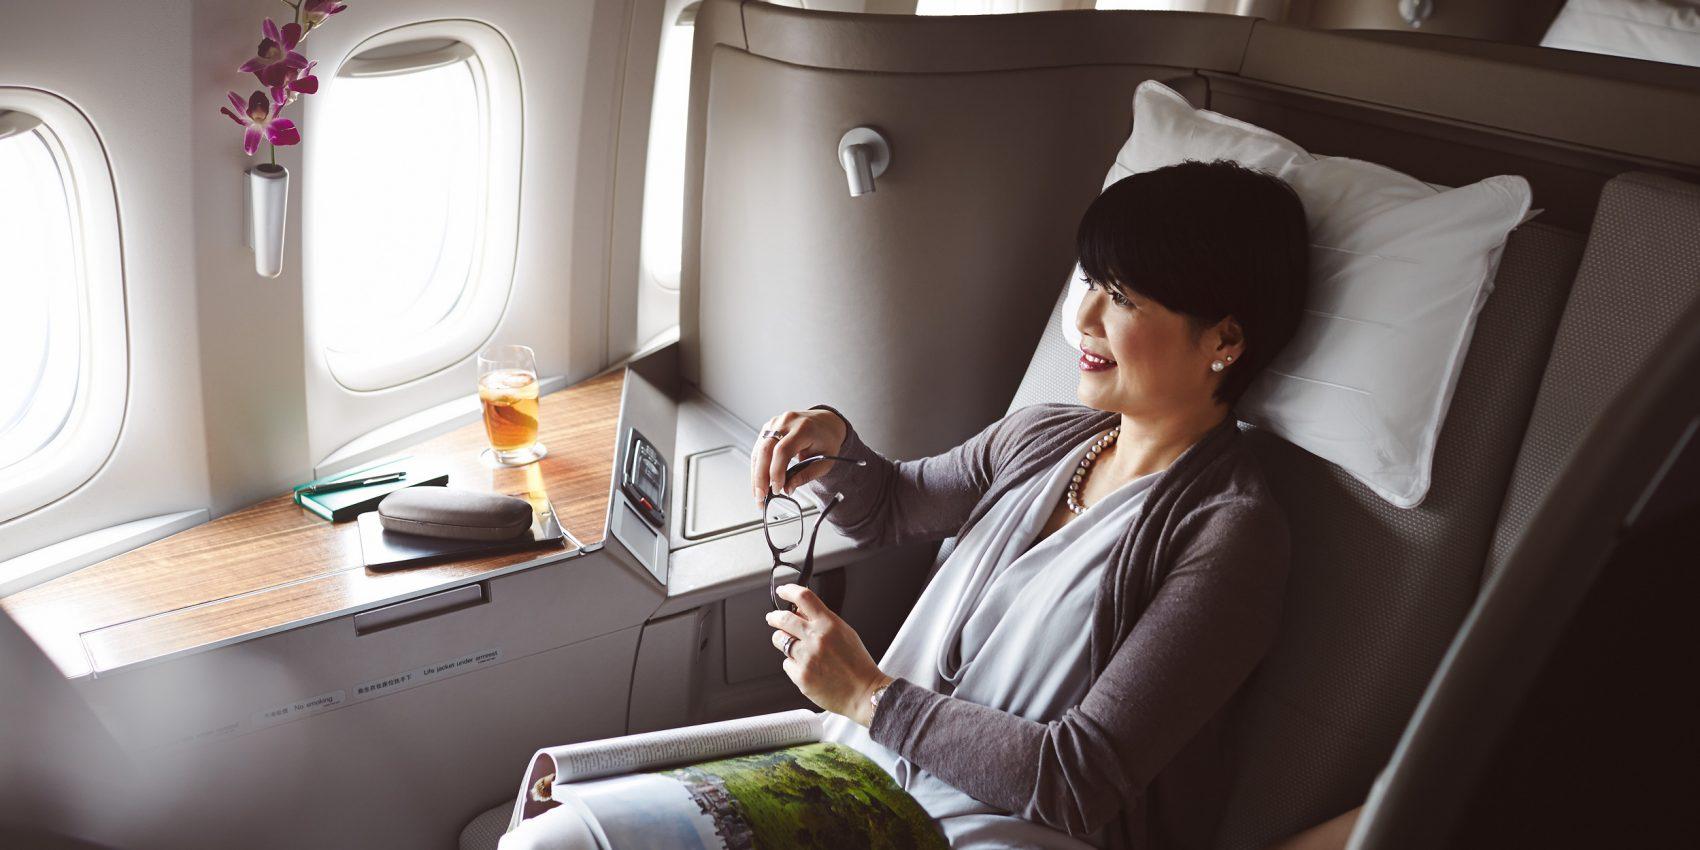 キャセイパシフィック航空(CX)のファーストクラスにお得に搭乗するには